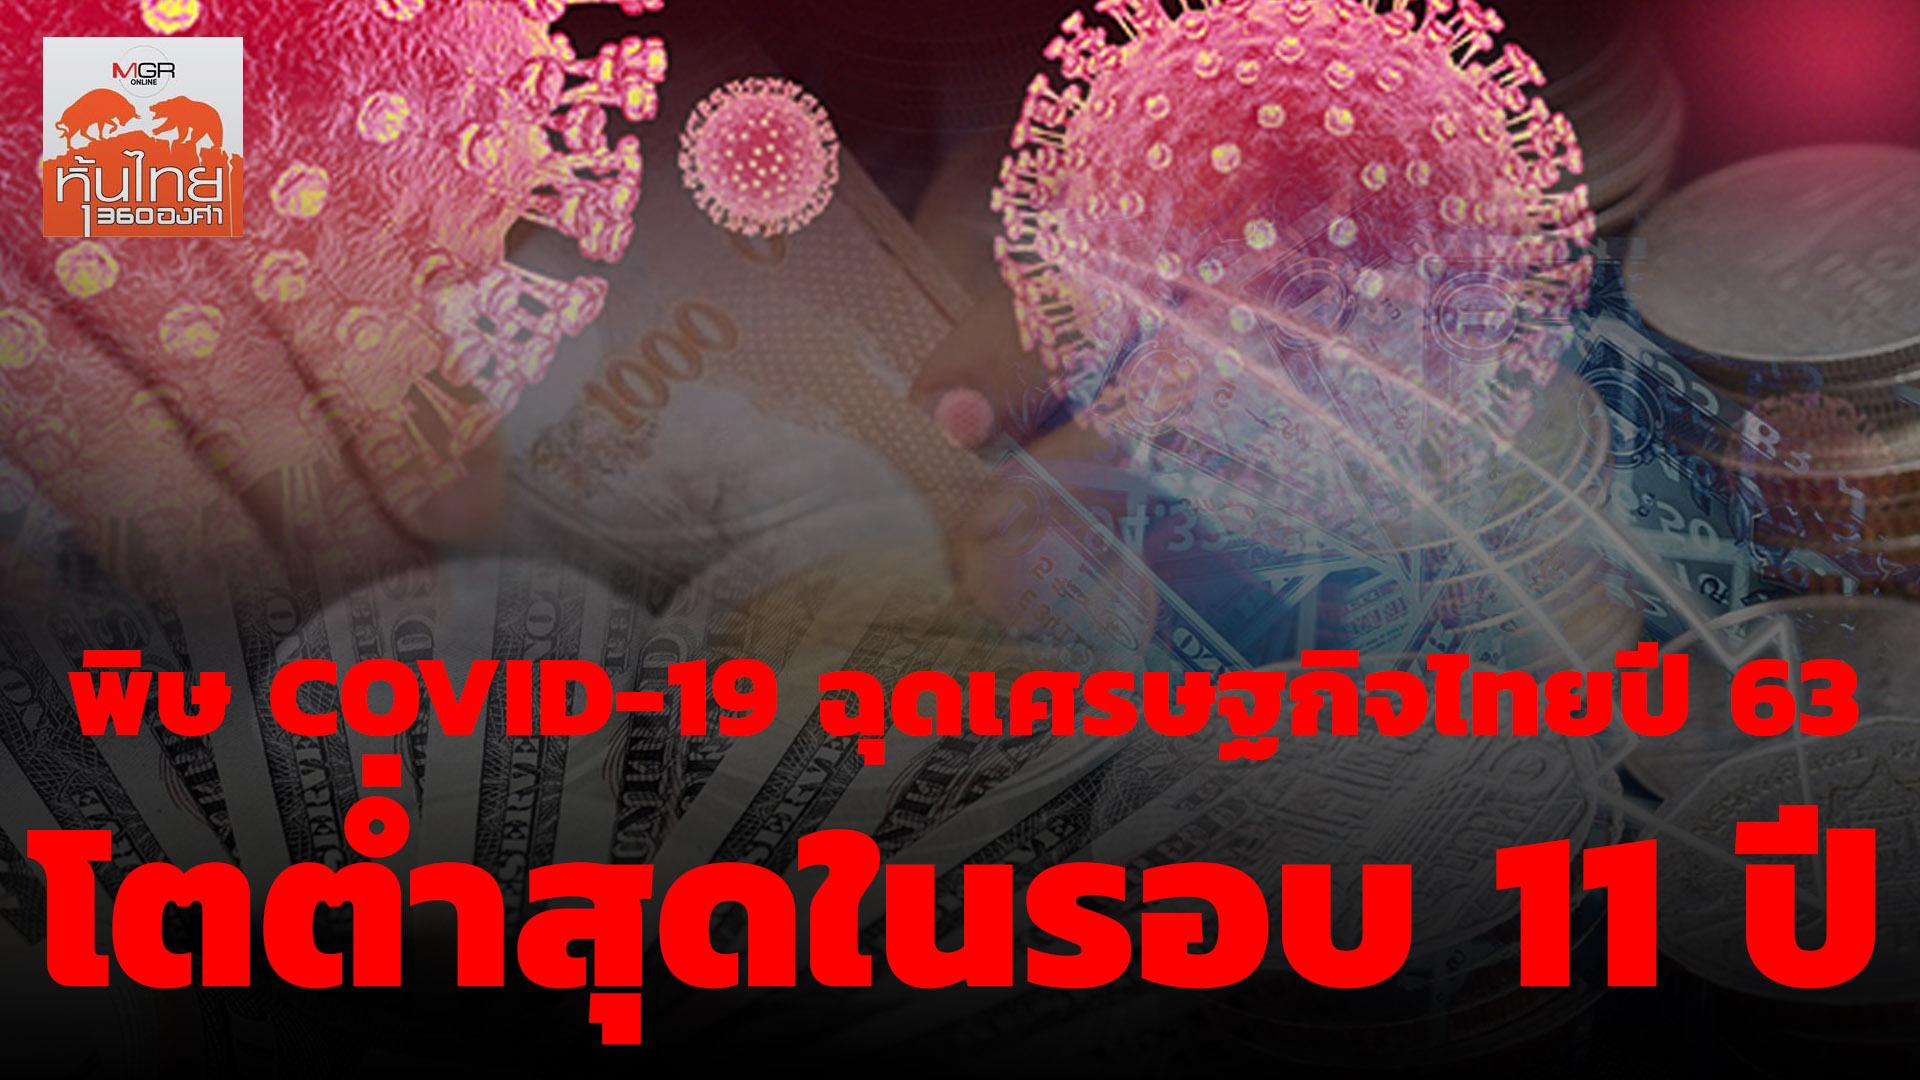 K-Research ชี้ COVID-19 ฉุดเศรษฐกิจไทยปี 2563 เติบโตต่ำสุดในรอบ 11 ปี